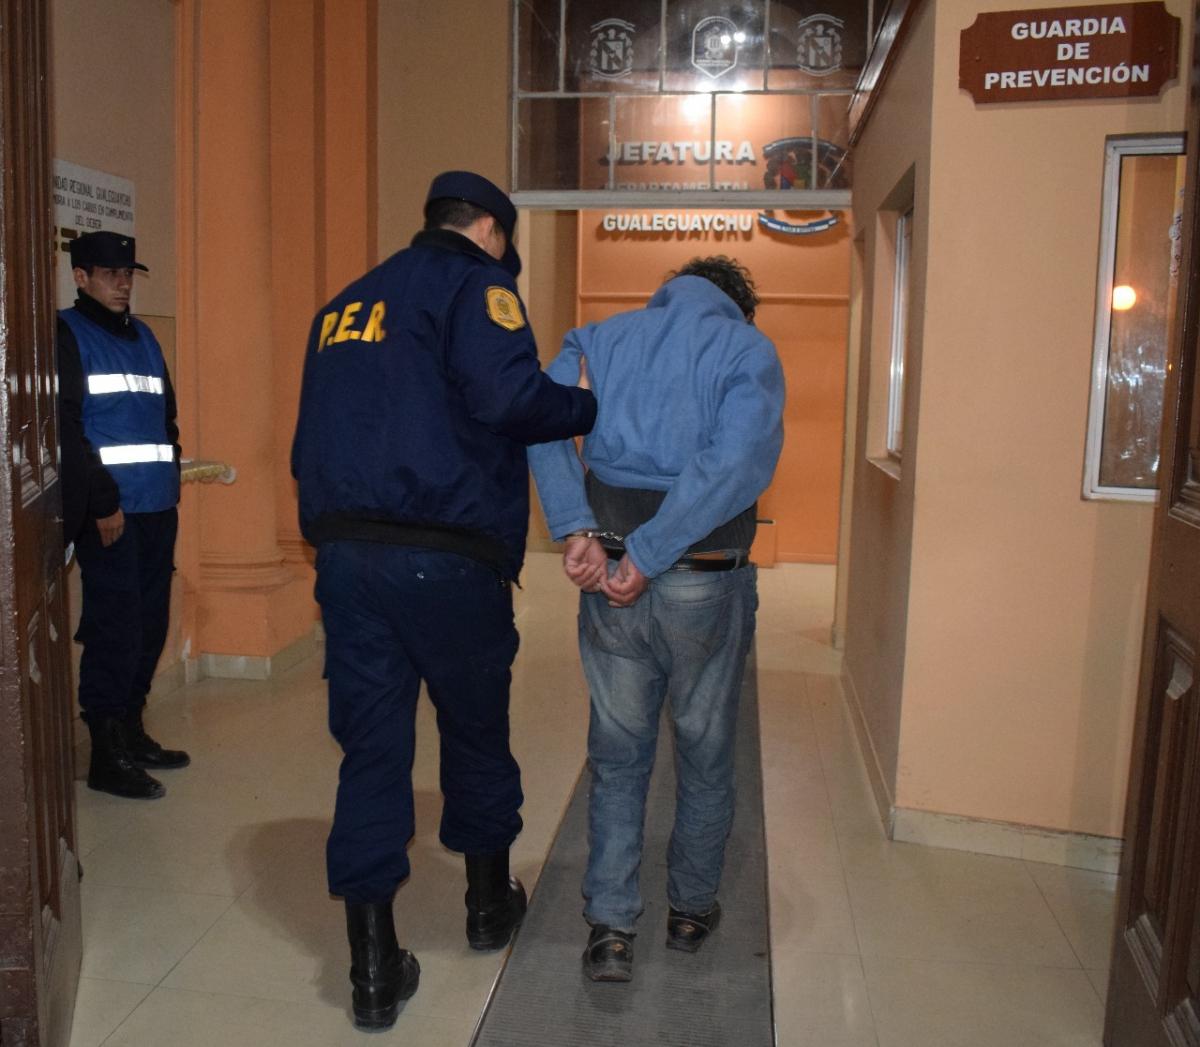 Tres detenidos por droga en el barrio La Tablita